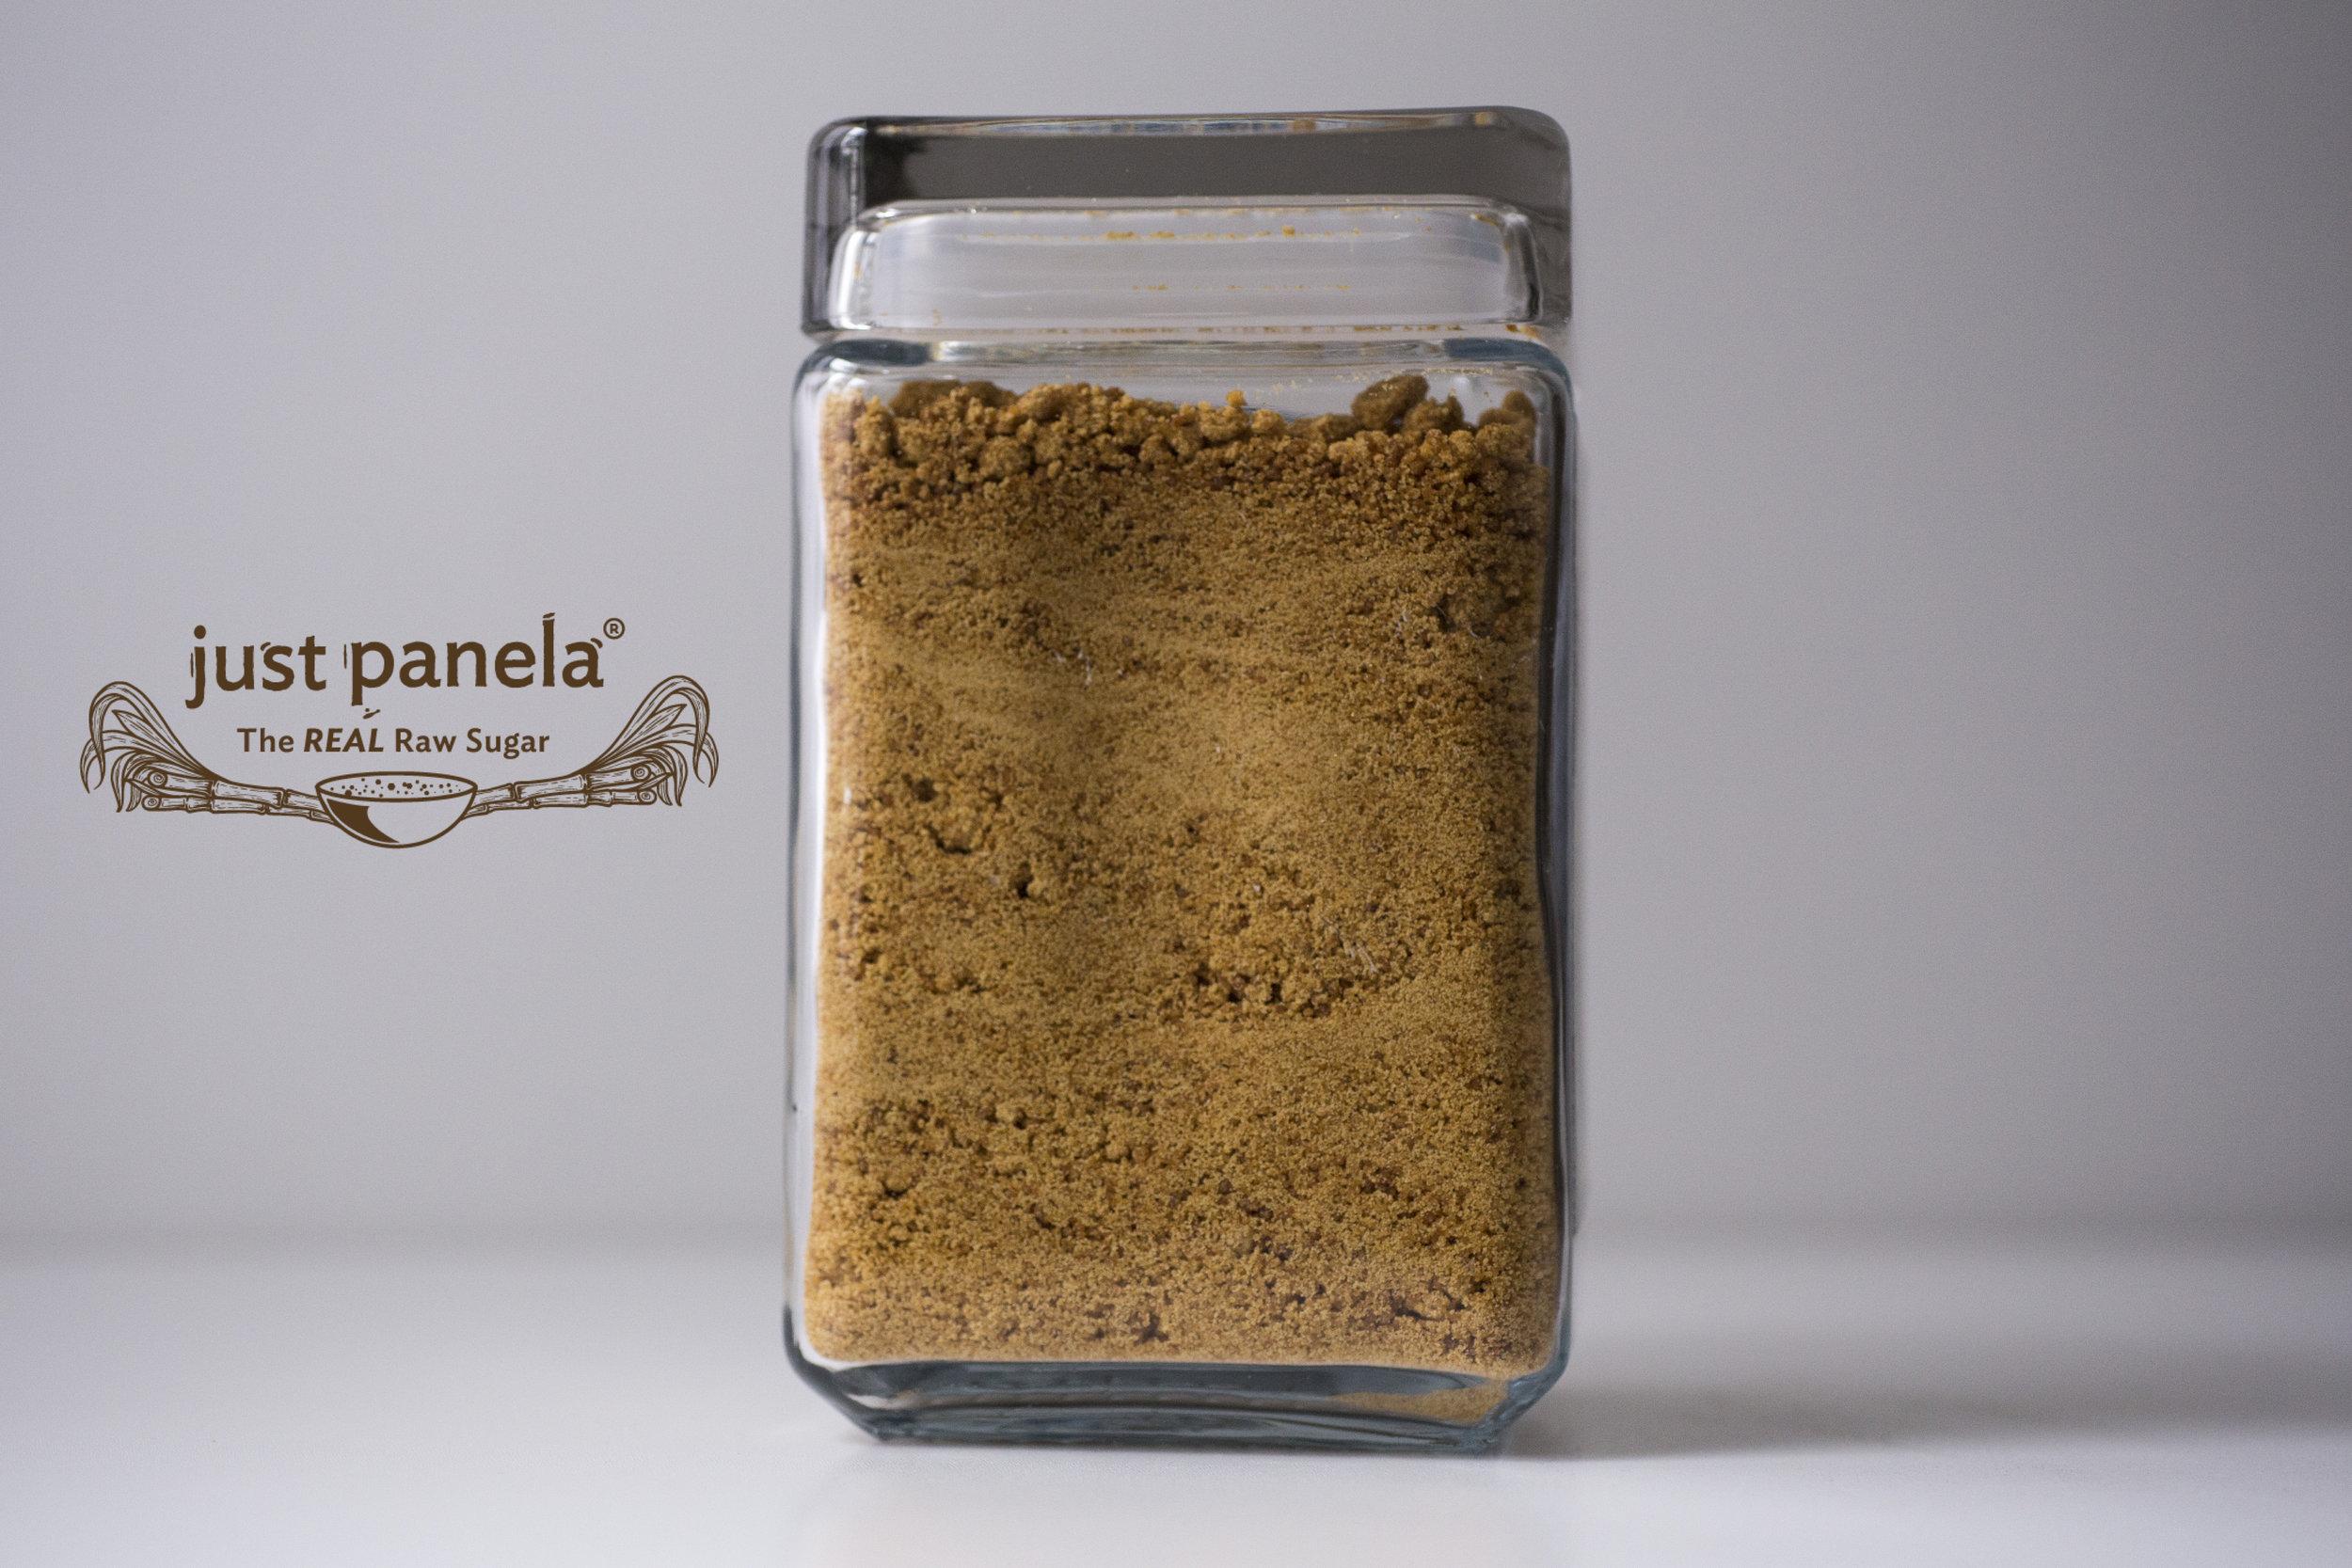 Branded Jar Of Panela.jpg